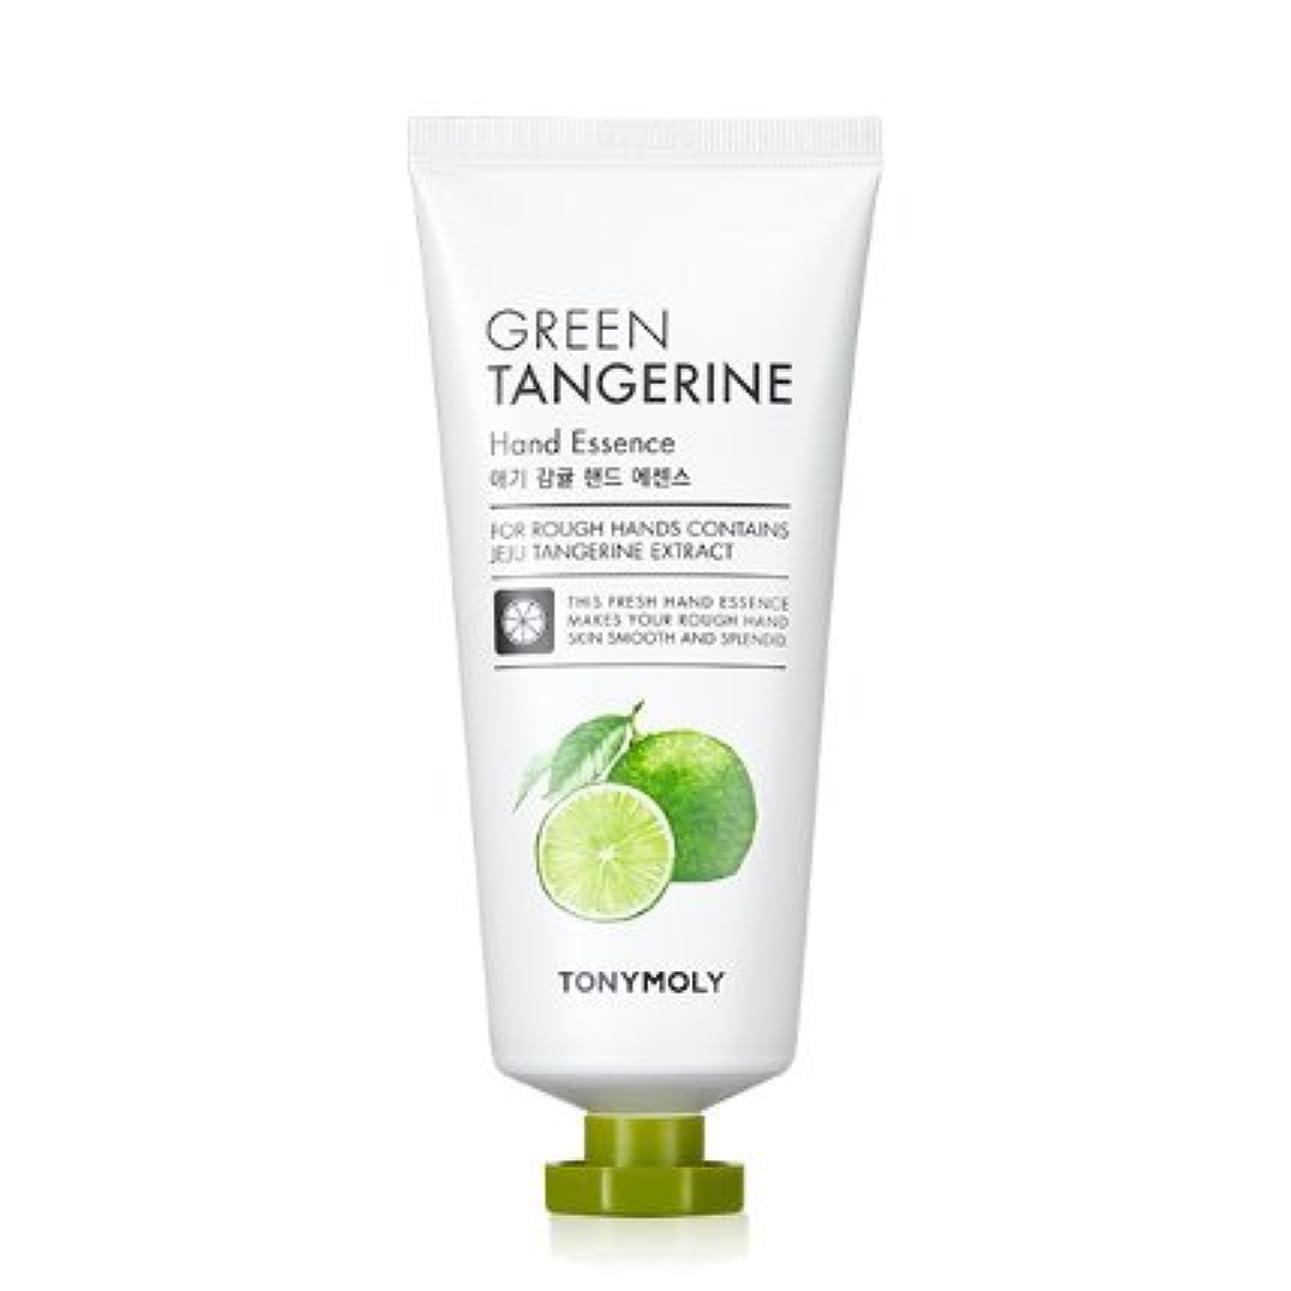 視聴者オペレーター爆風[Renewal] TONYMOLY Green Tangerine Hand Essence/トニーモリー 青みかん ハンド エッセンス 80g [並行輸入品]